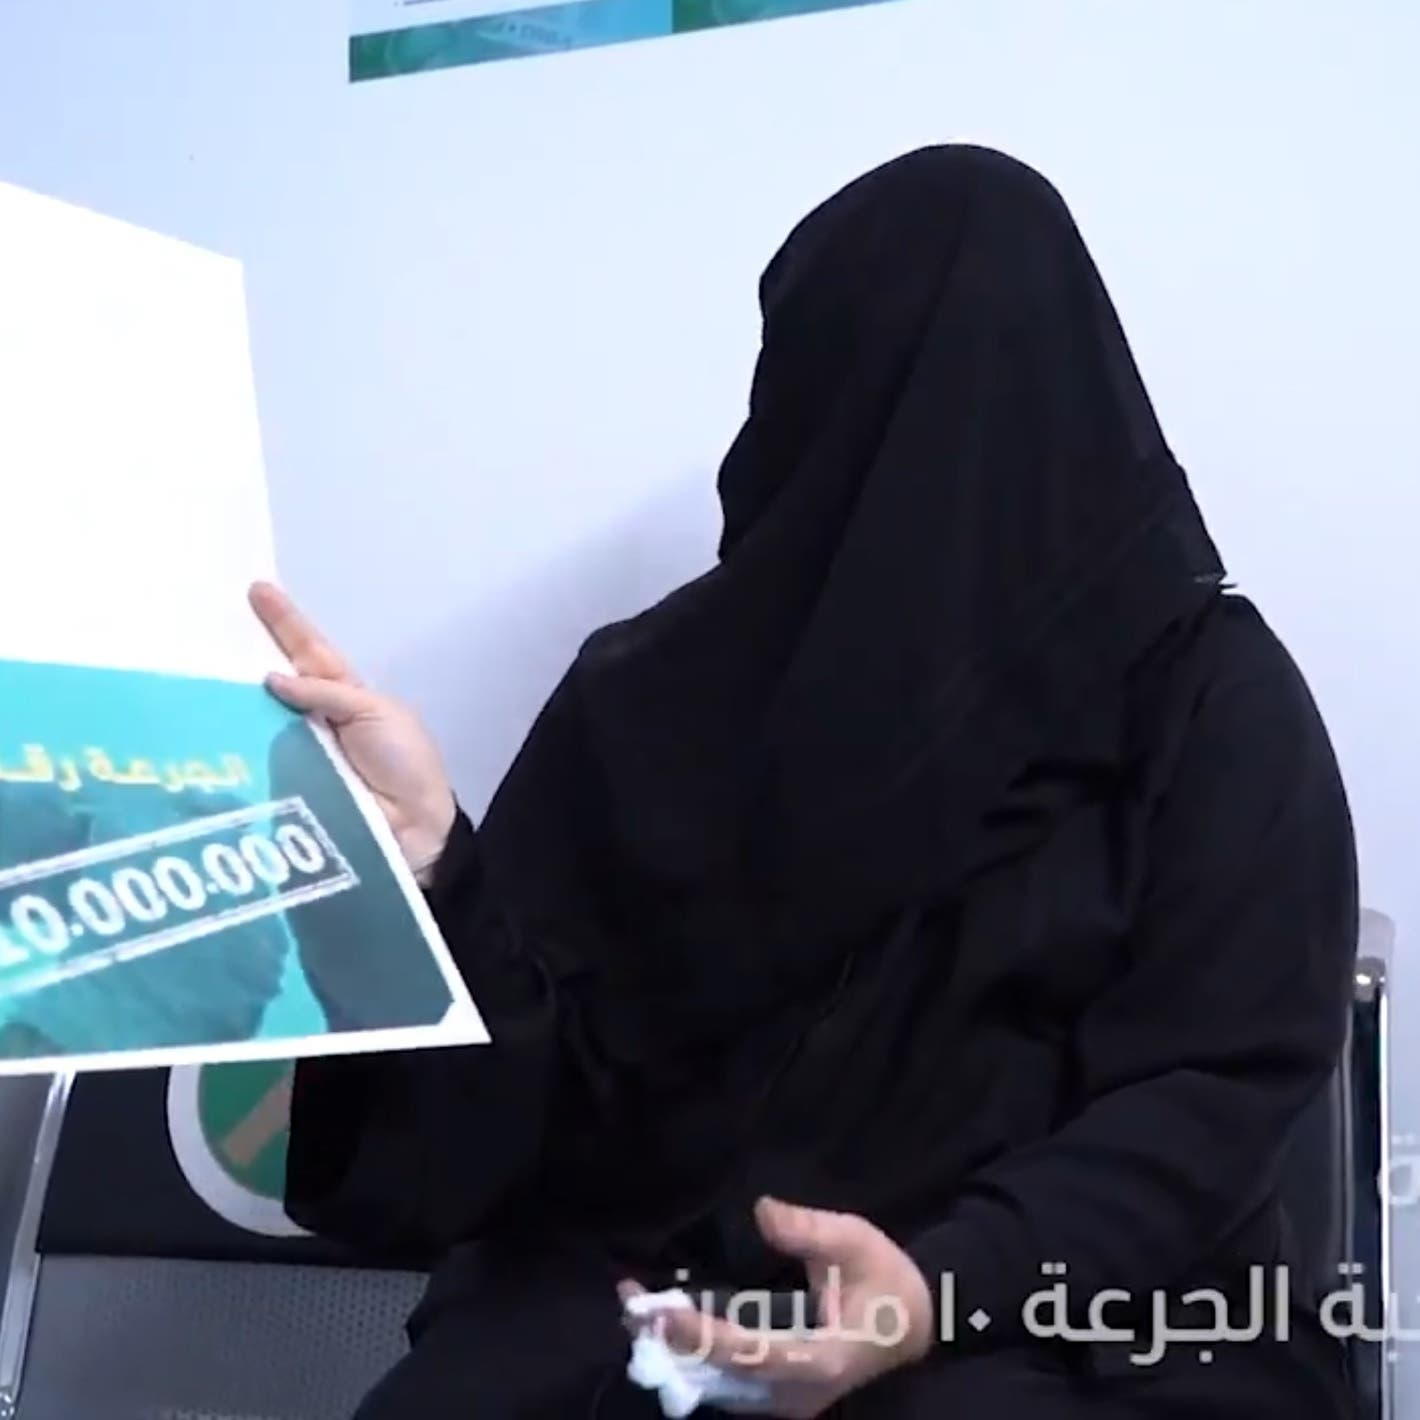 جرعات اللقاح التي تم إعطاؤها بالسعودية تتجاوز الـ10 ملايين